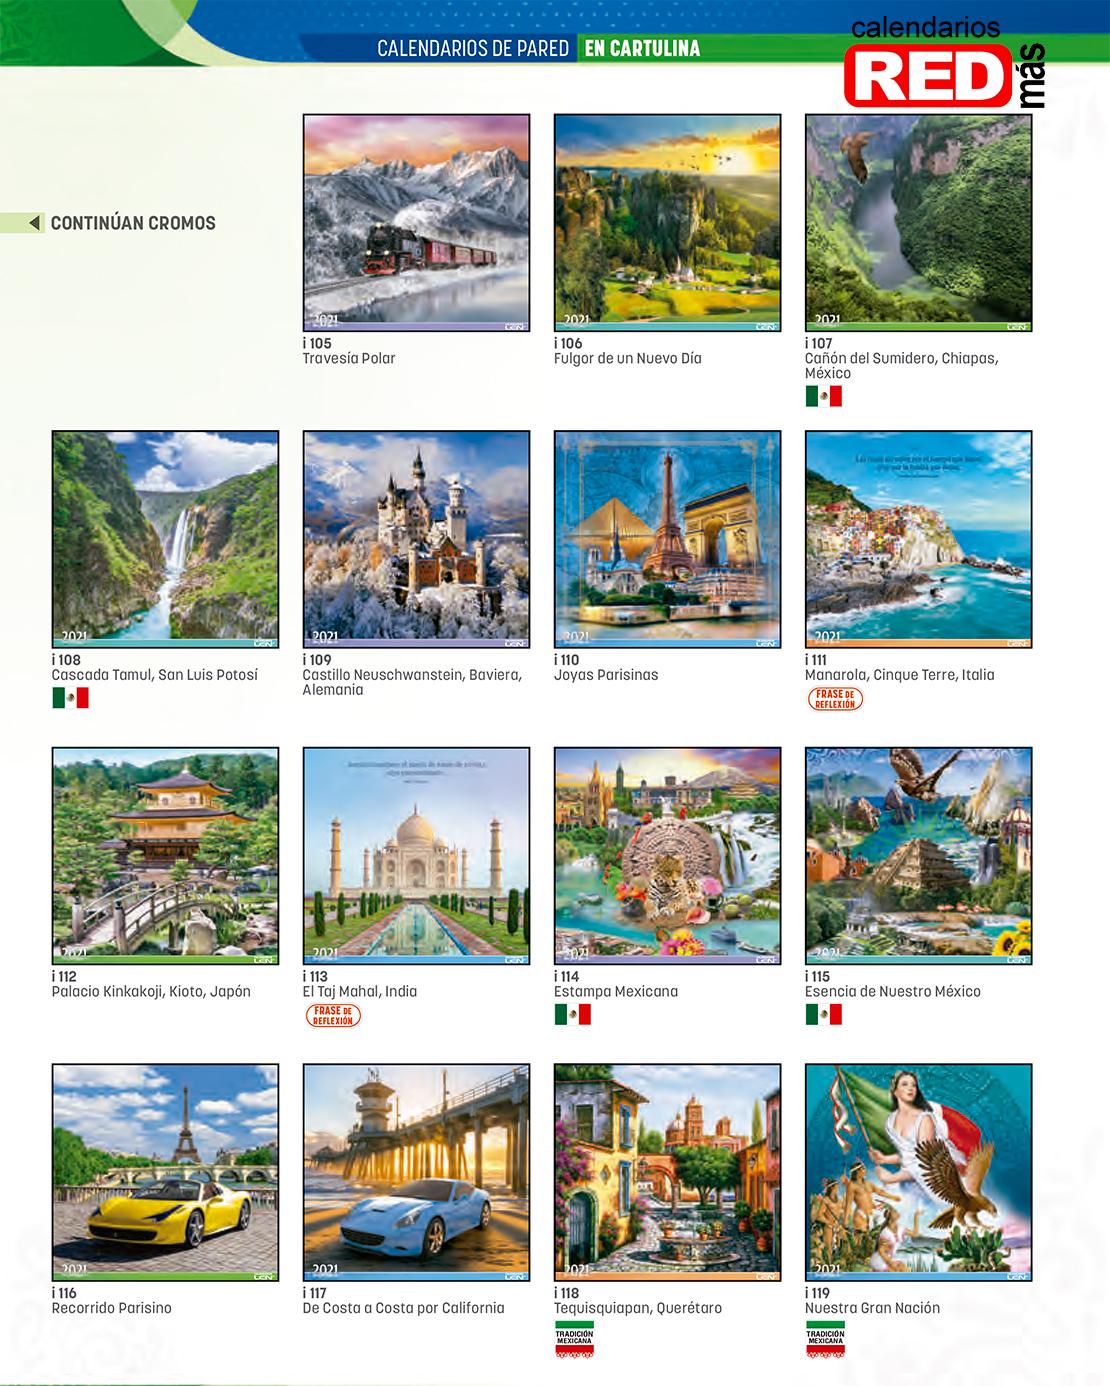 48-Catalogo-Calendarios-LEN-2021-Serie-i-105-119-calendarios-red-2021.jpg